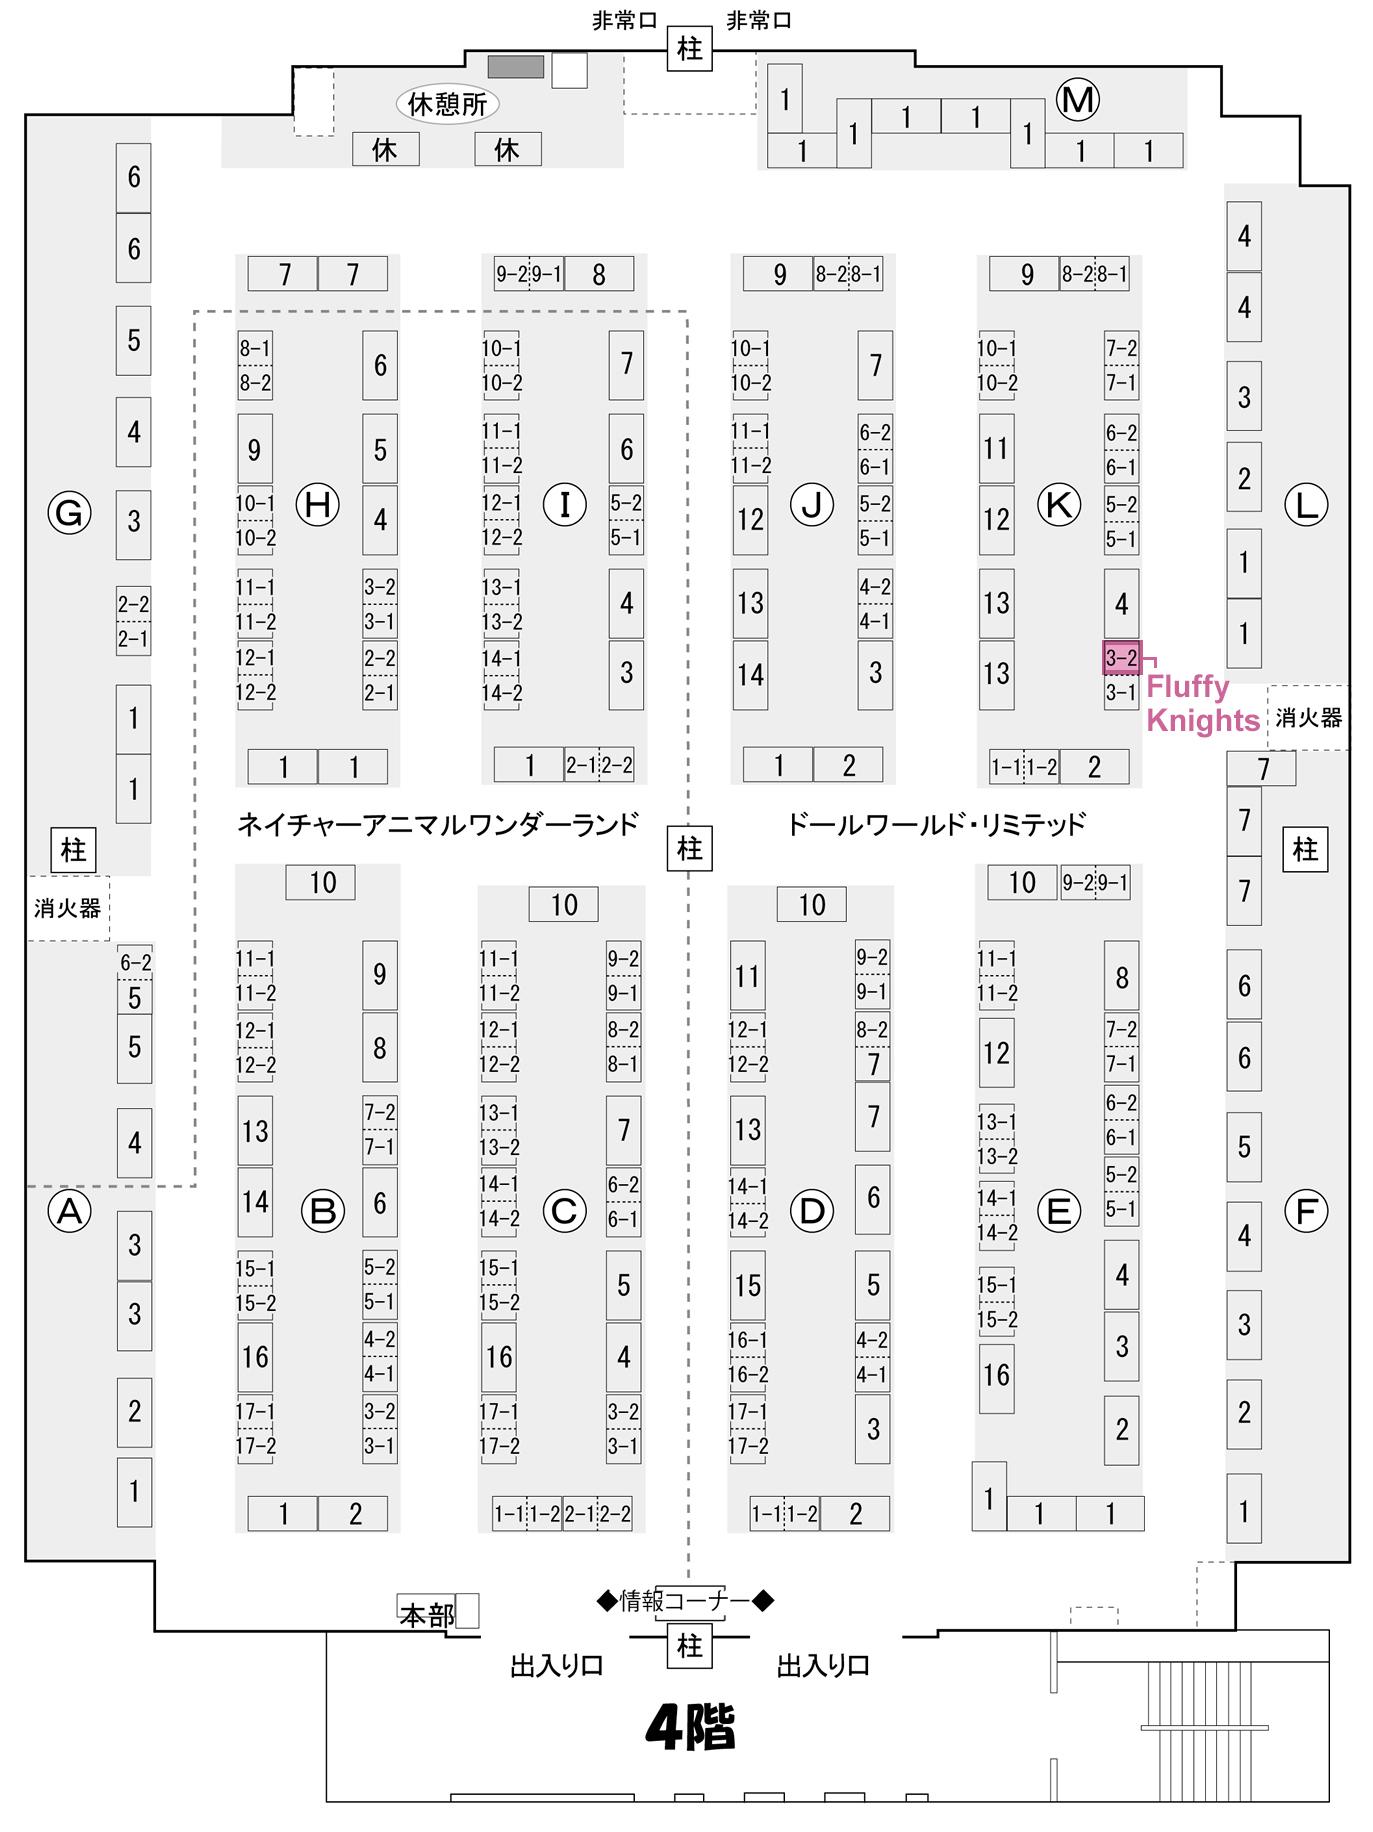 2017年会場内 テーブルの配置図